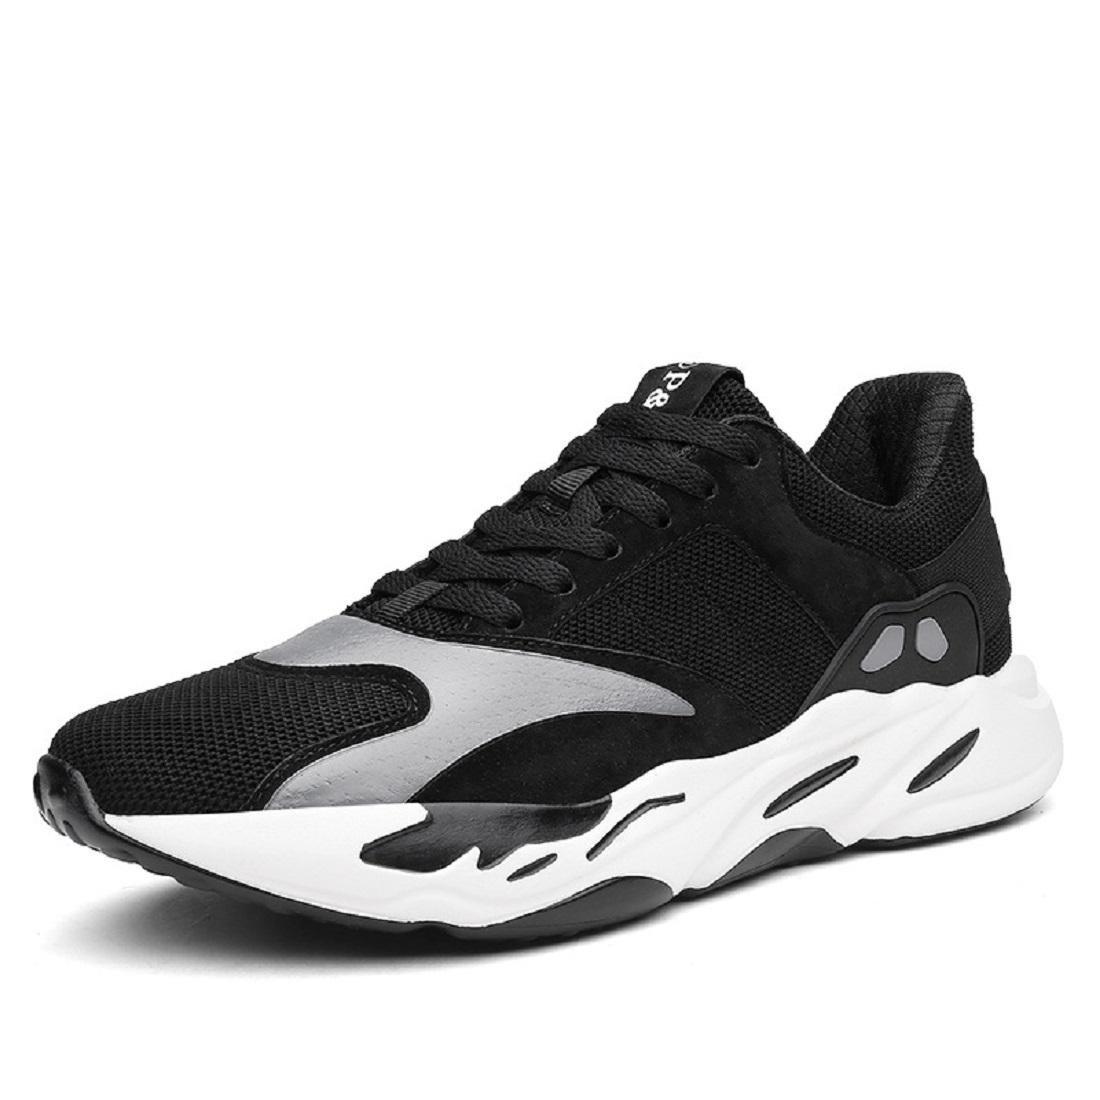 Herren Mode Das neue Sportschuhe Draussen Trainer Turnschuhe Laufschuhe Schuhe erhöhen EUR GRÖSSE 36-44